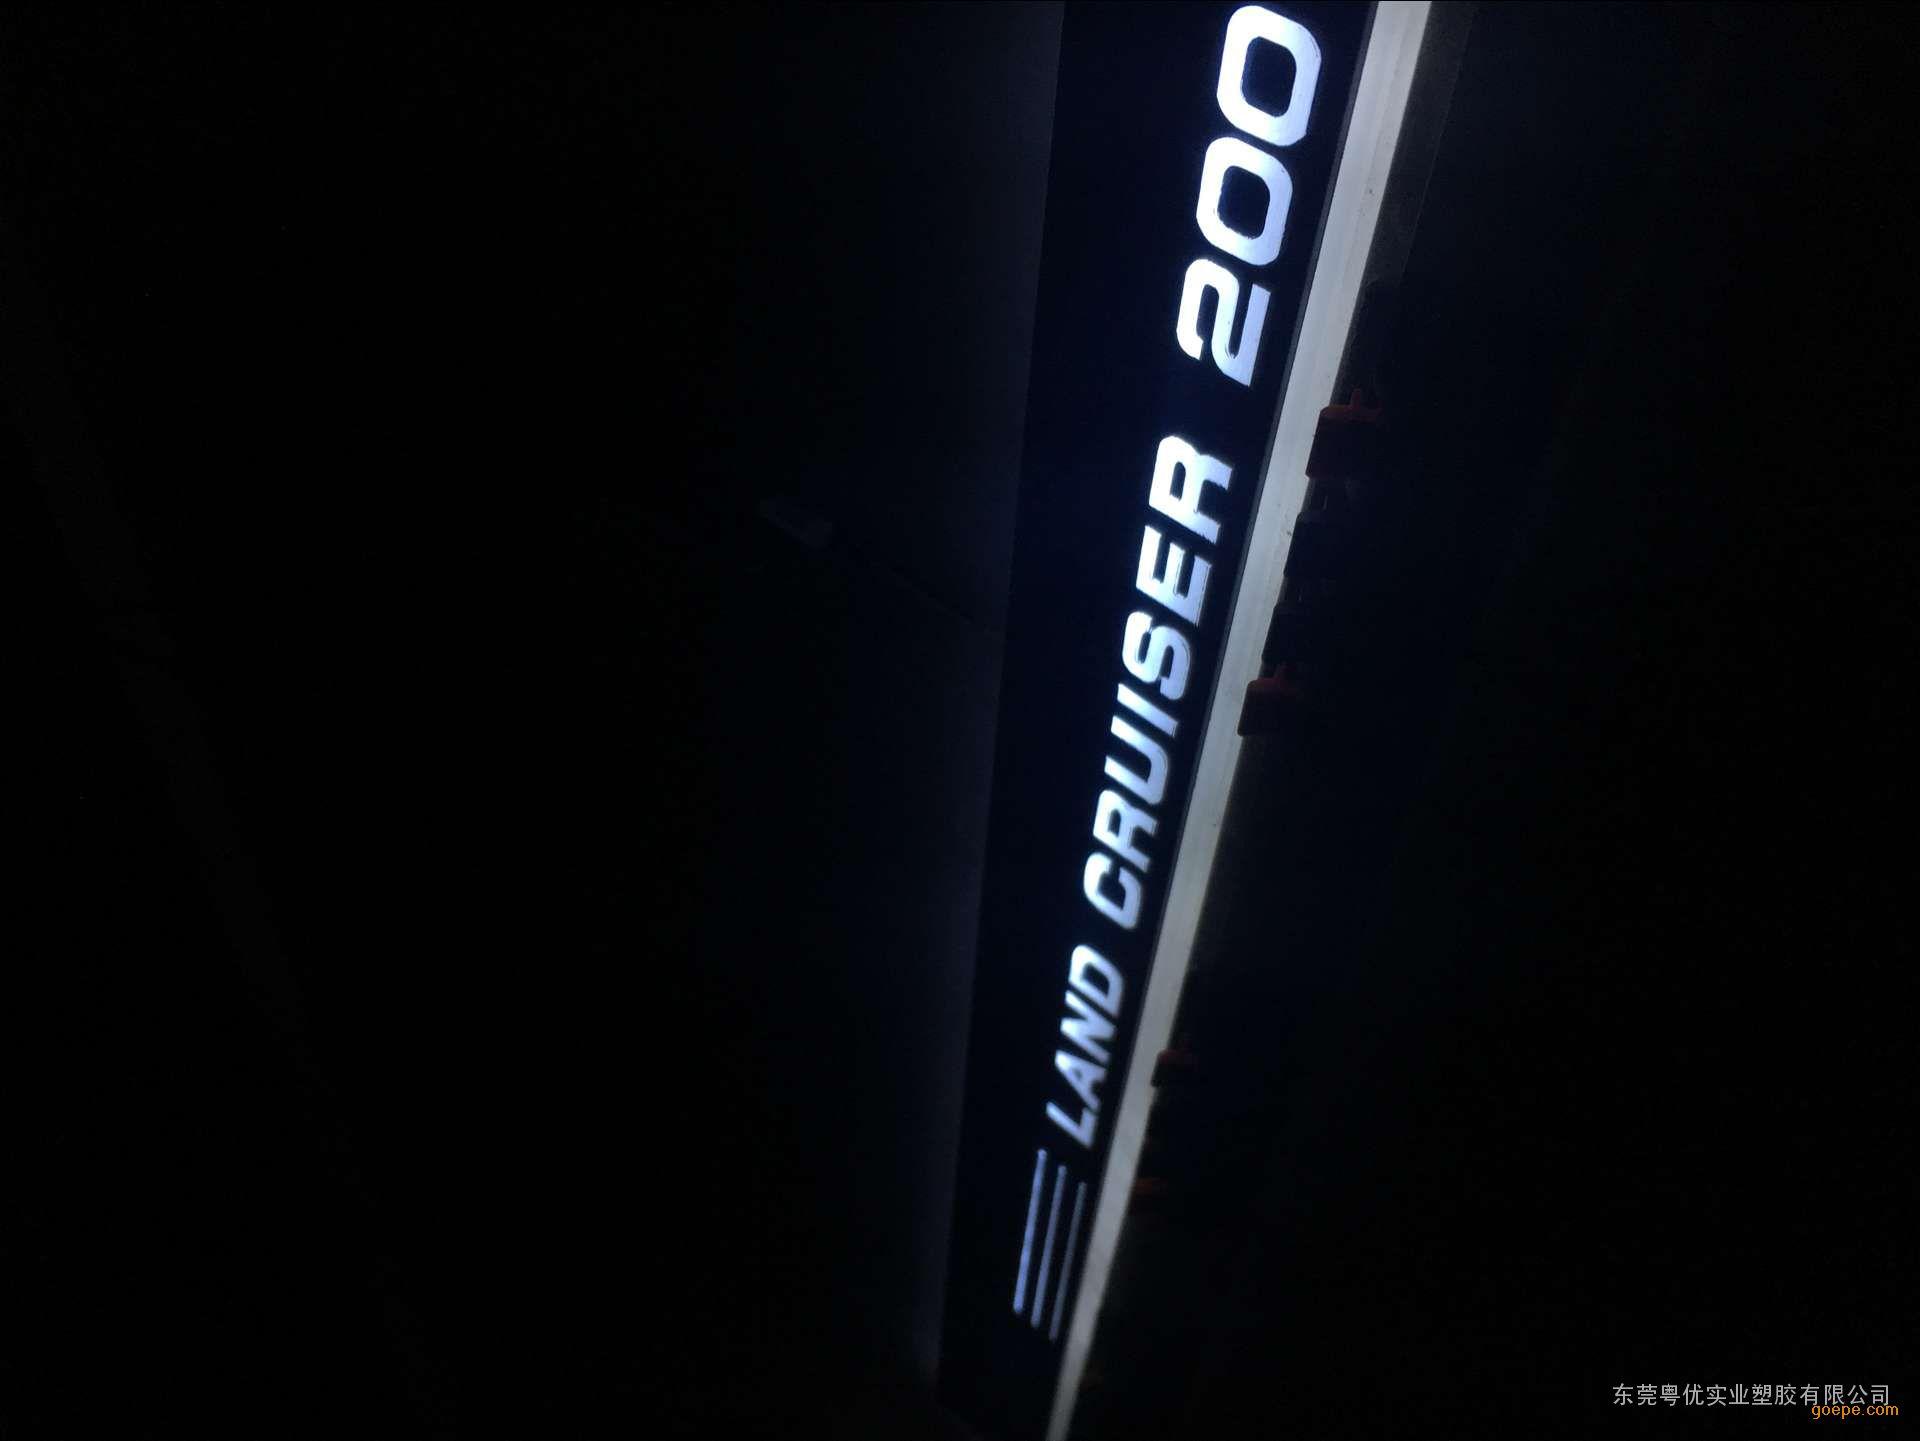 新款 迎宾灯踏板 丰田14-15年款全系列 led踏板流光灯